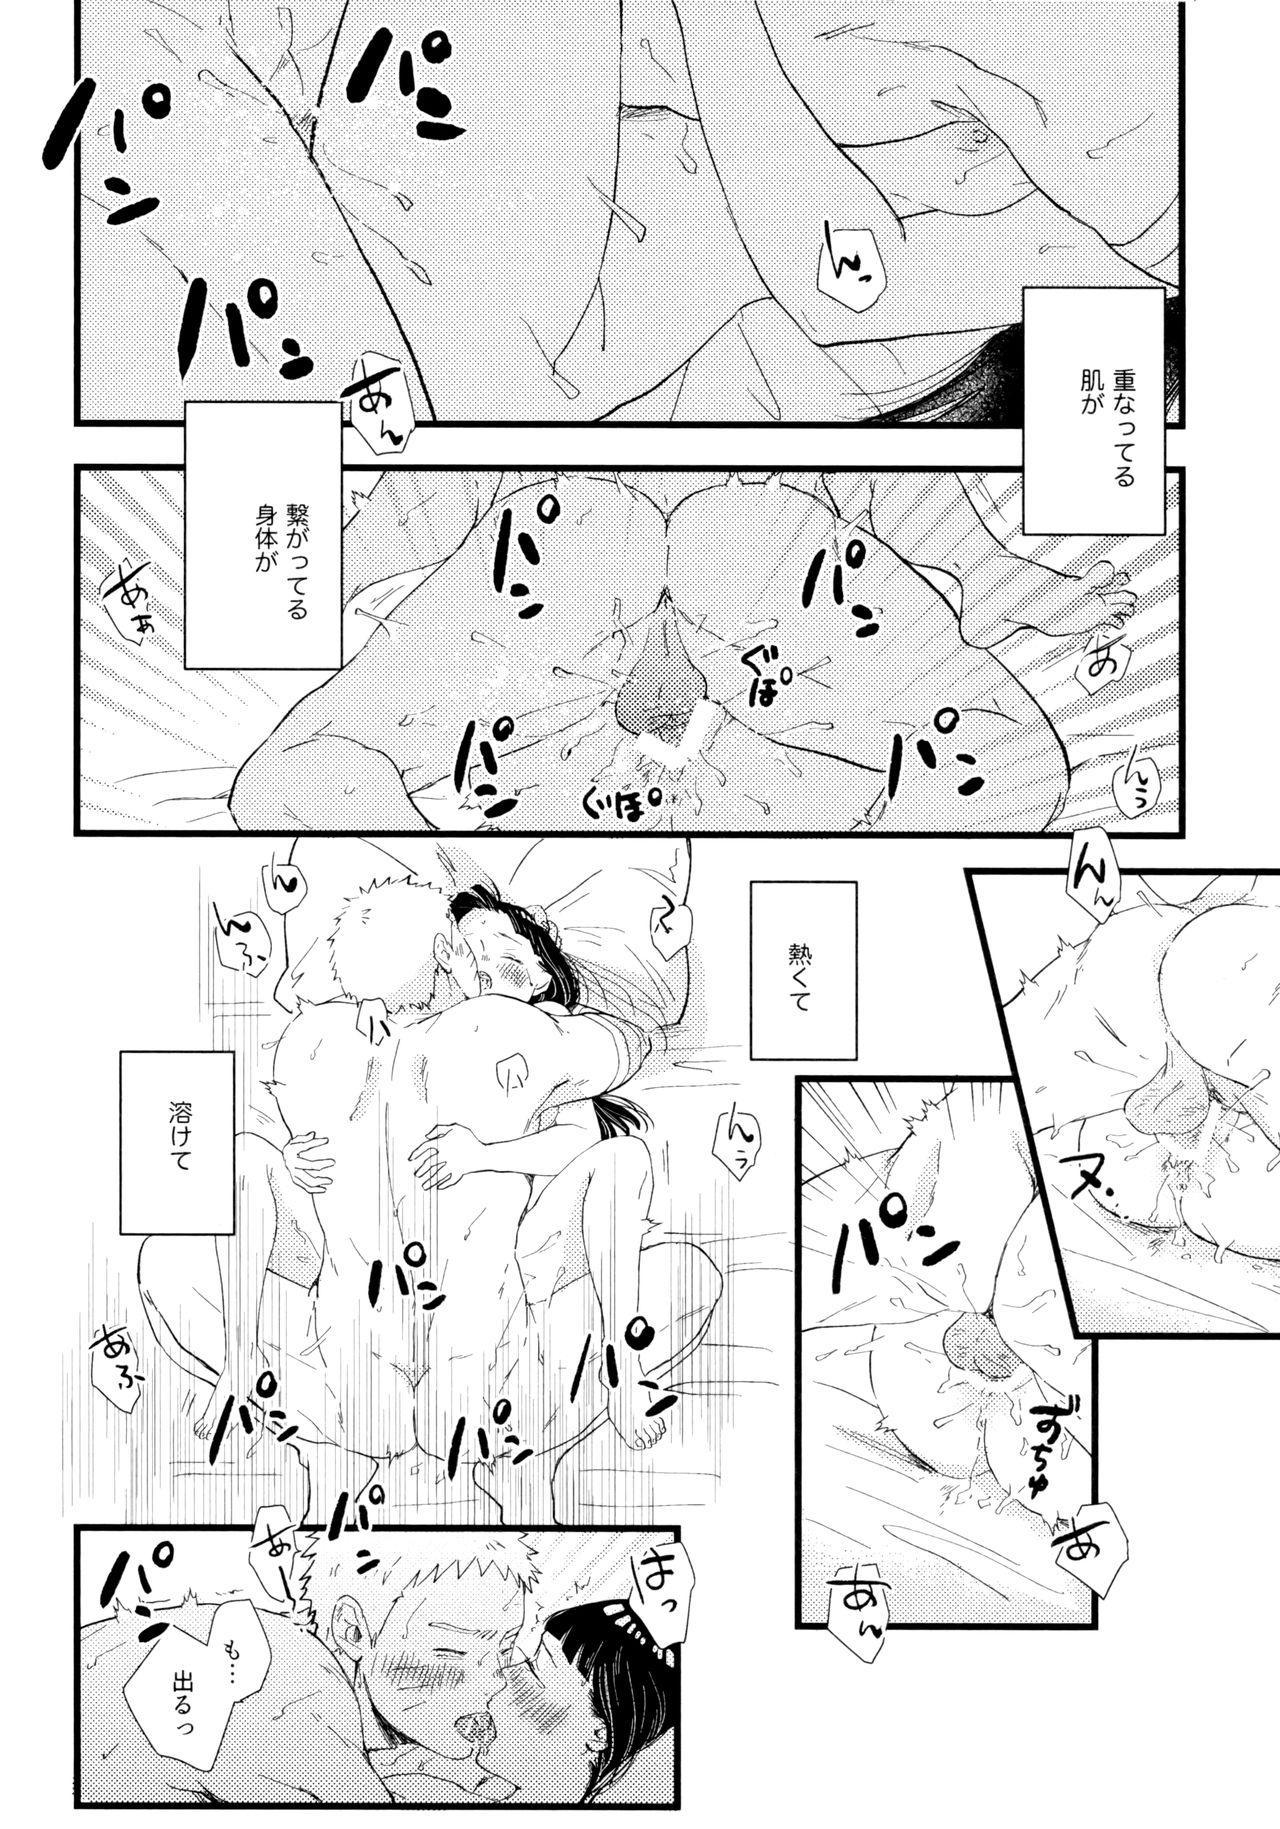 Koiwo Shiteiru Karada 1 + 2 105